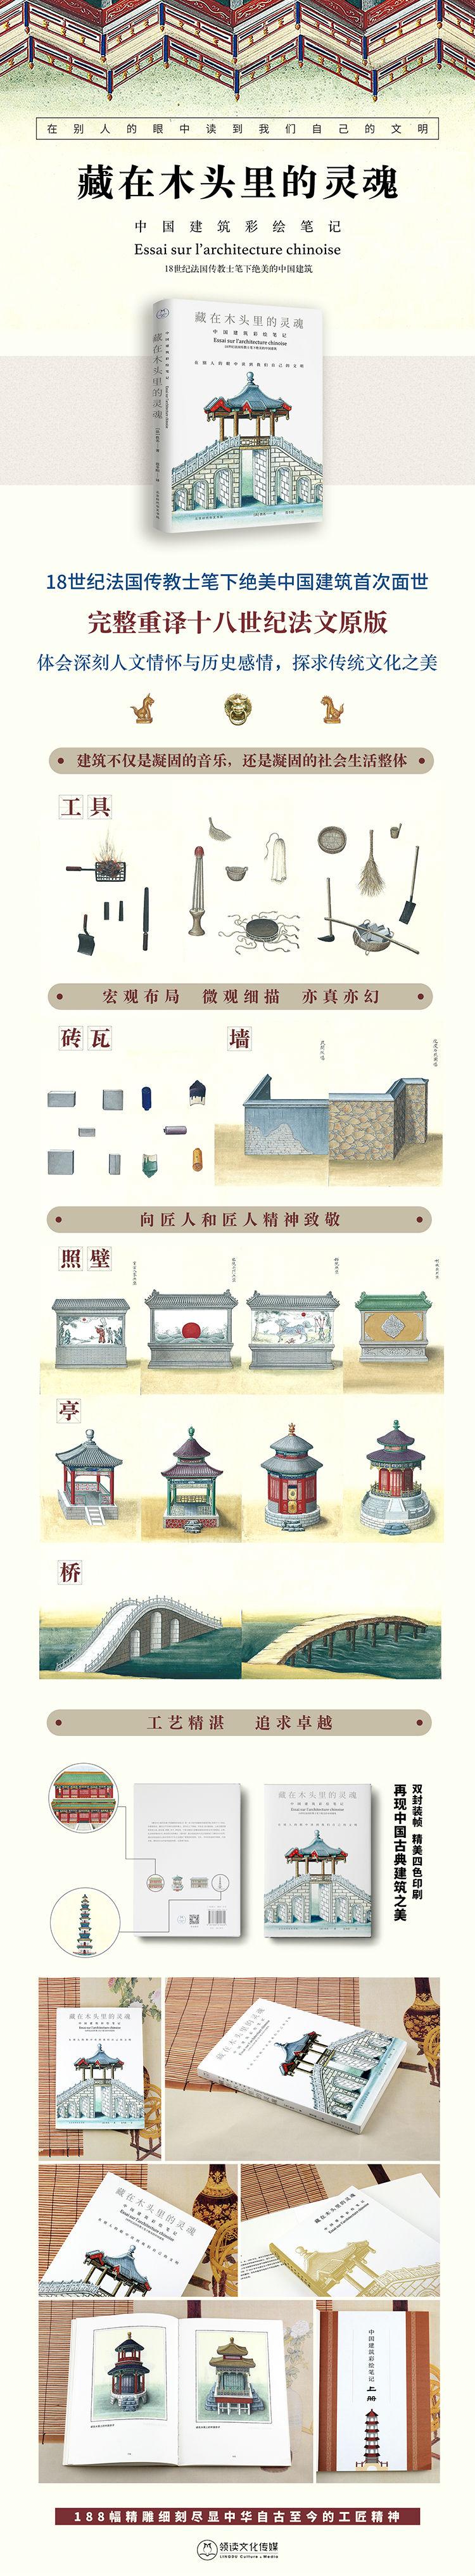 藏在木头里的灵魂:中国建筑彩绘笔记 海报